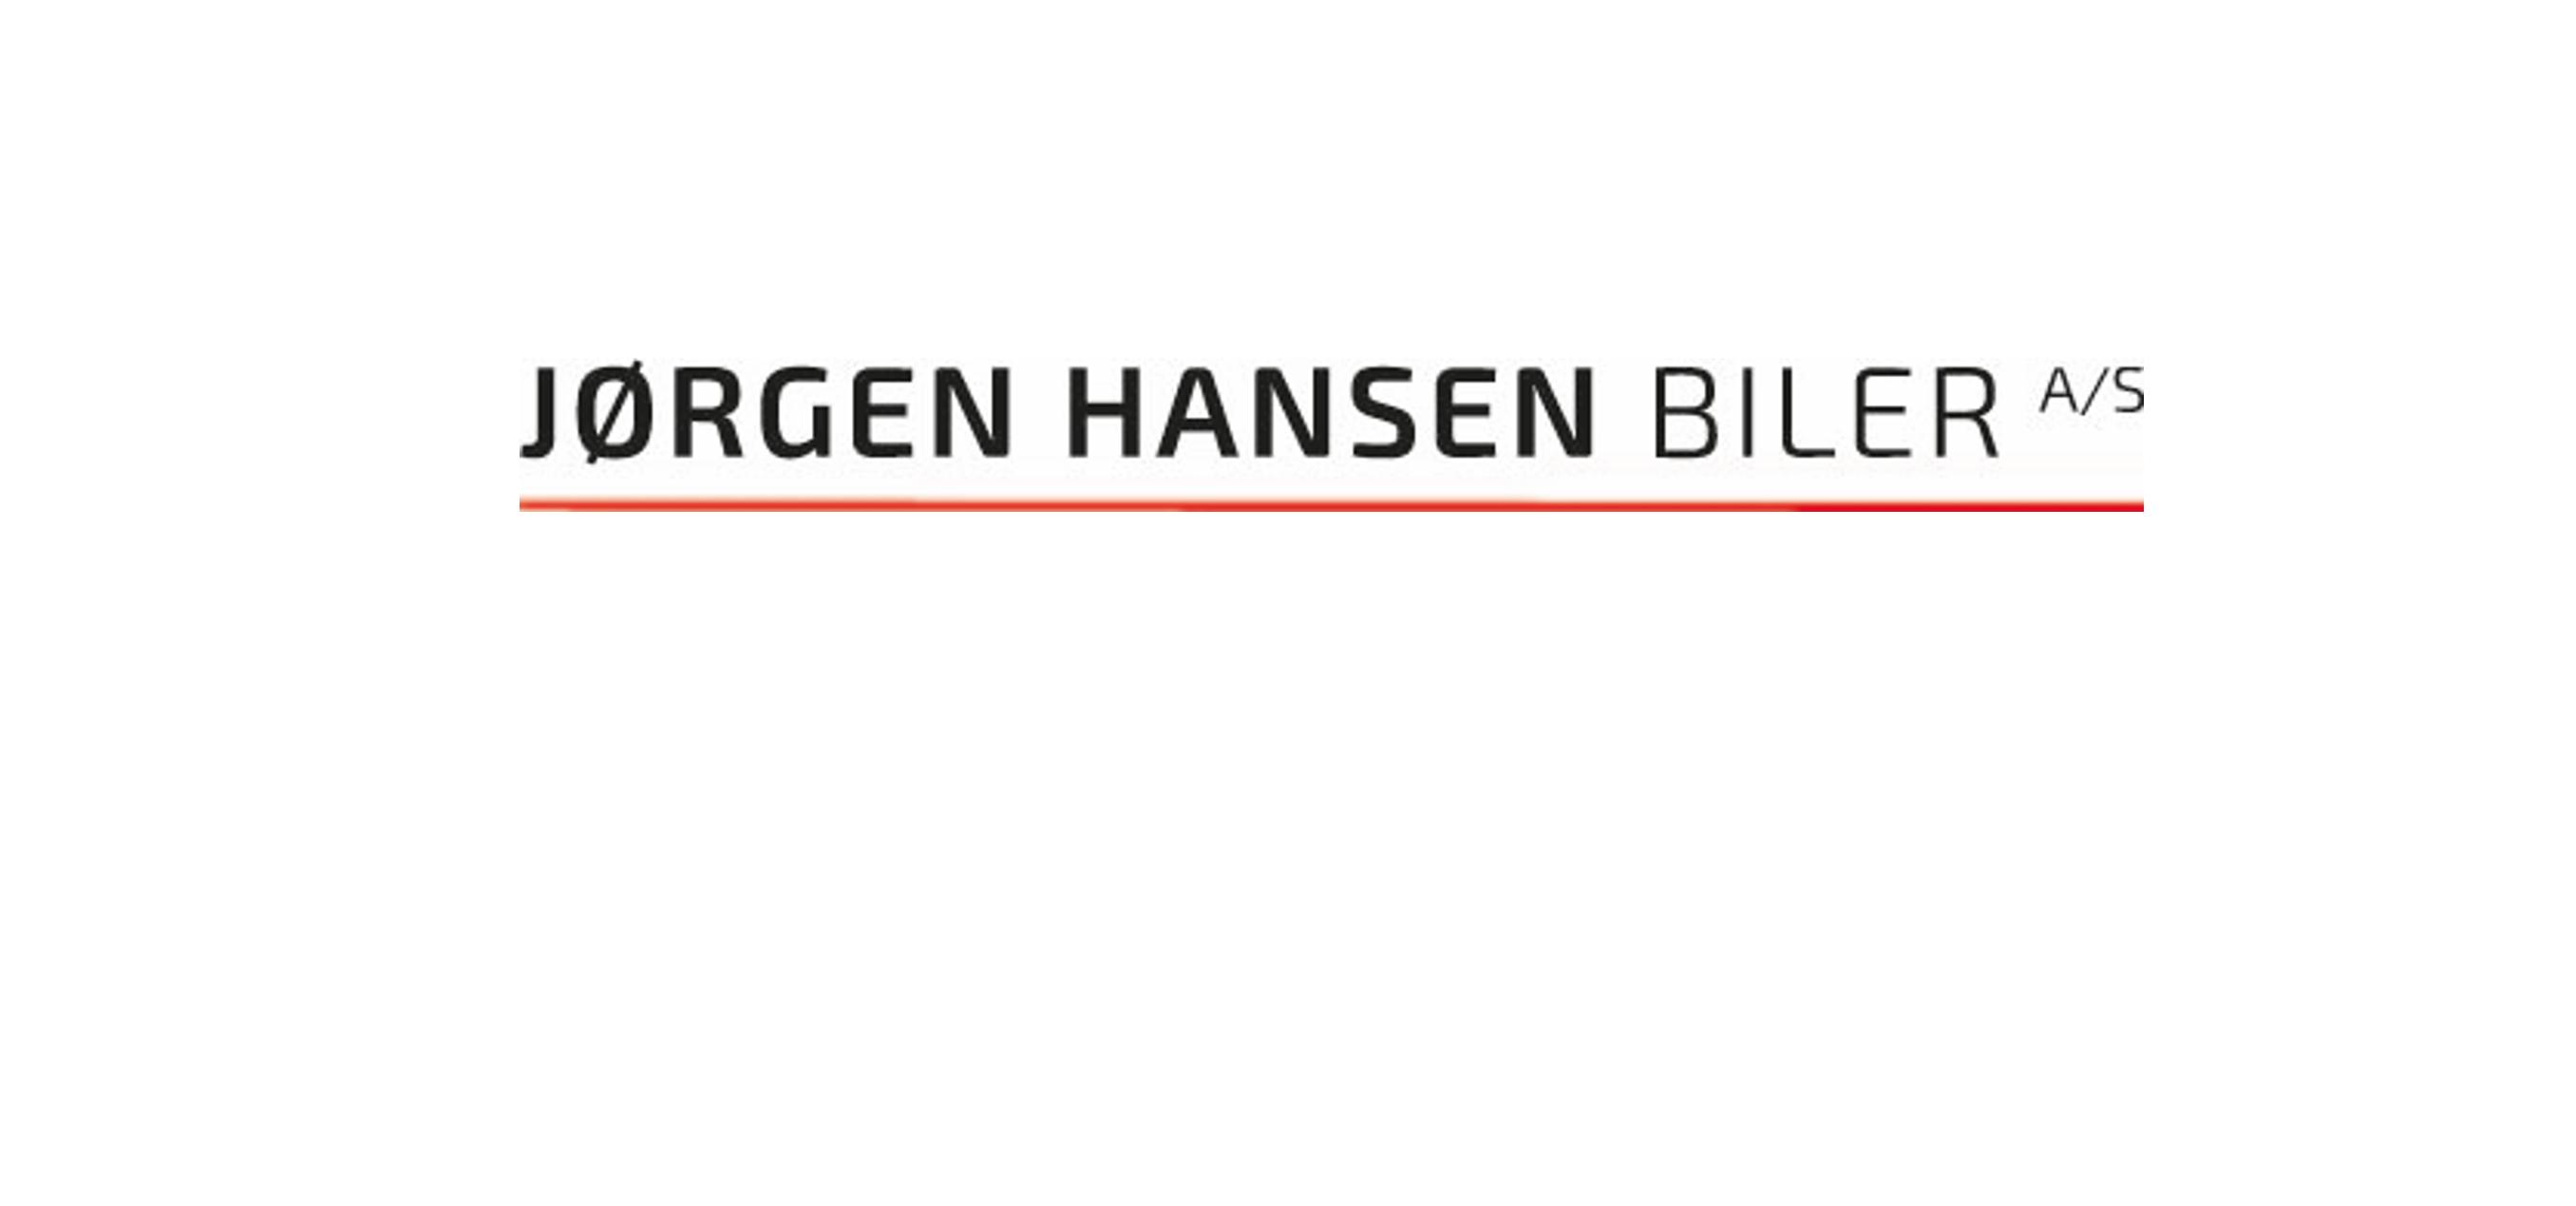 Jørgen Hansen Biler logo